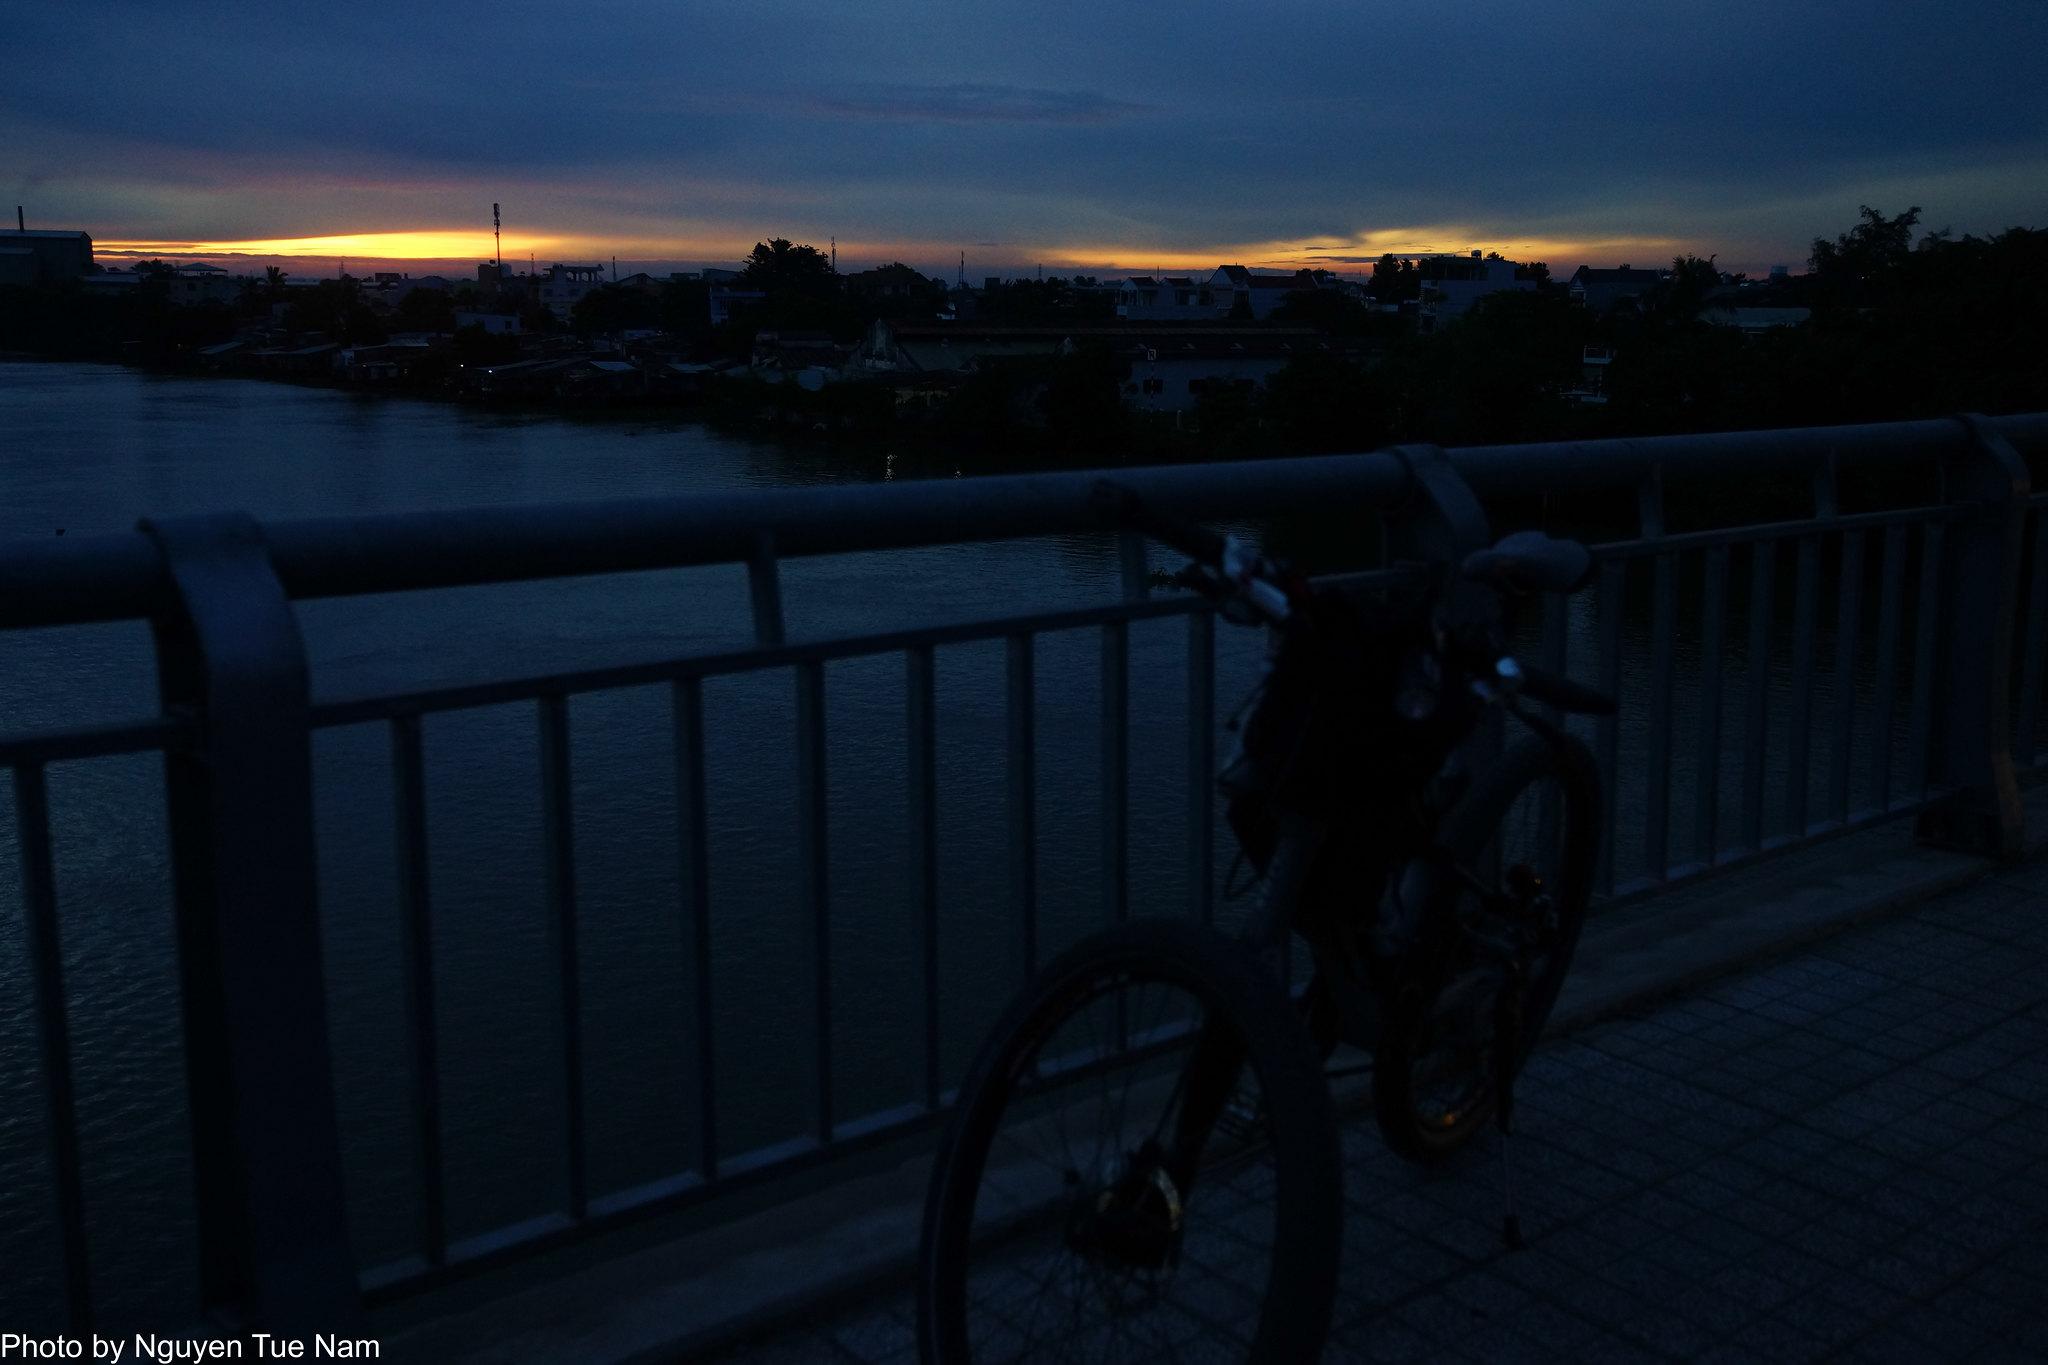 16075972492 b5f0eba371 k - [ Đạp chụp ] - Cảnh đẹp lạ ở khá gần SG